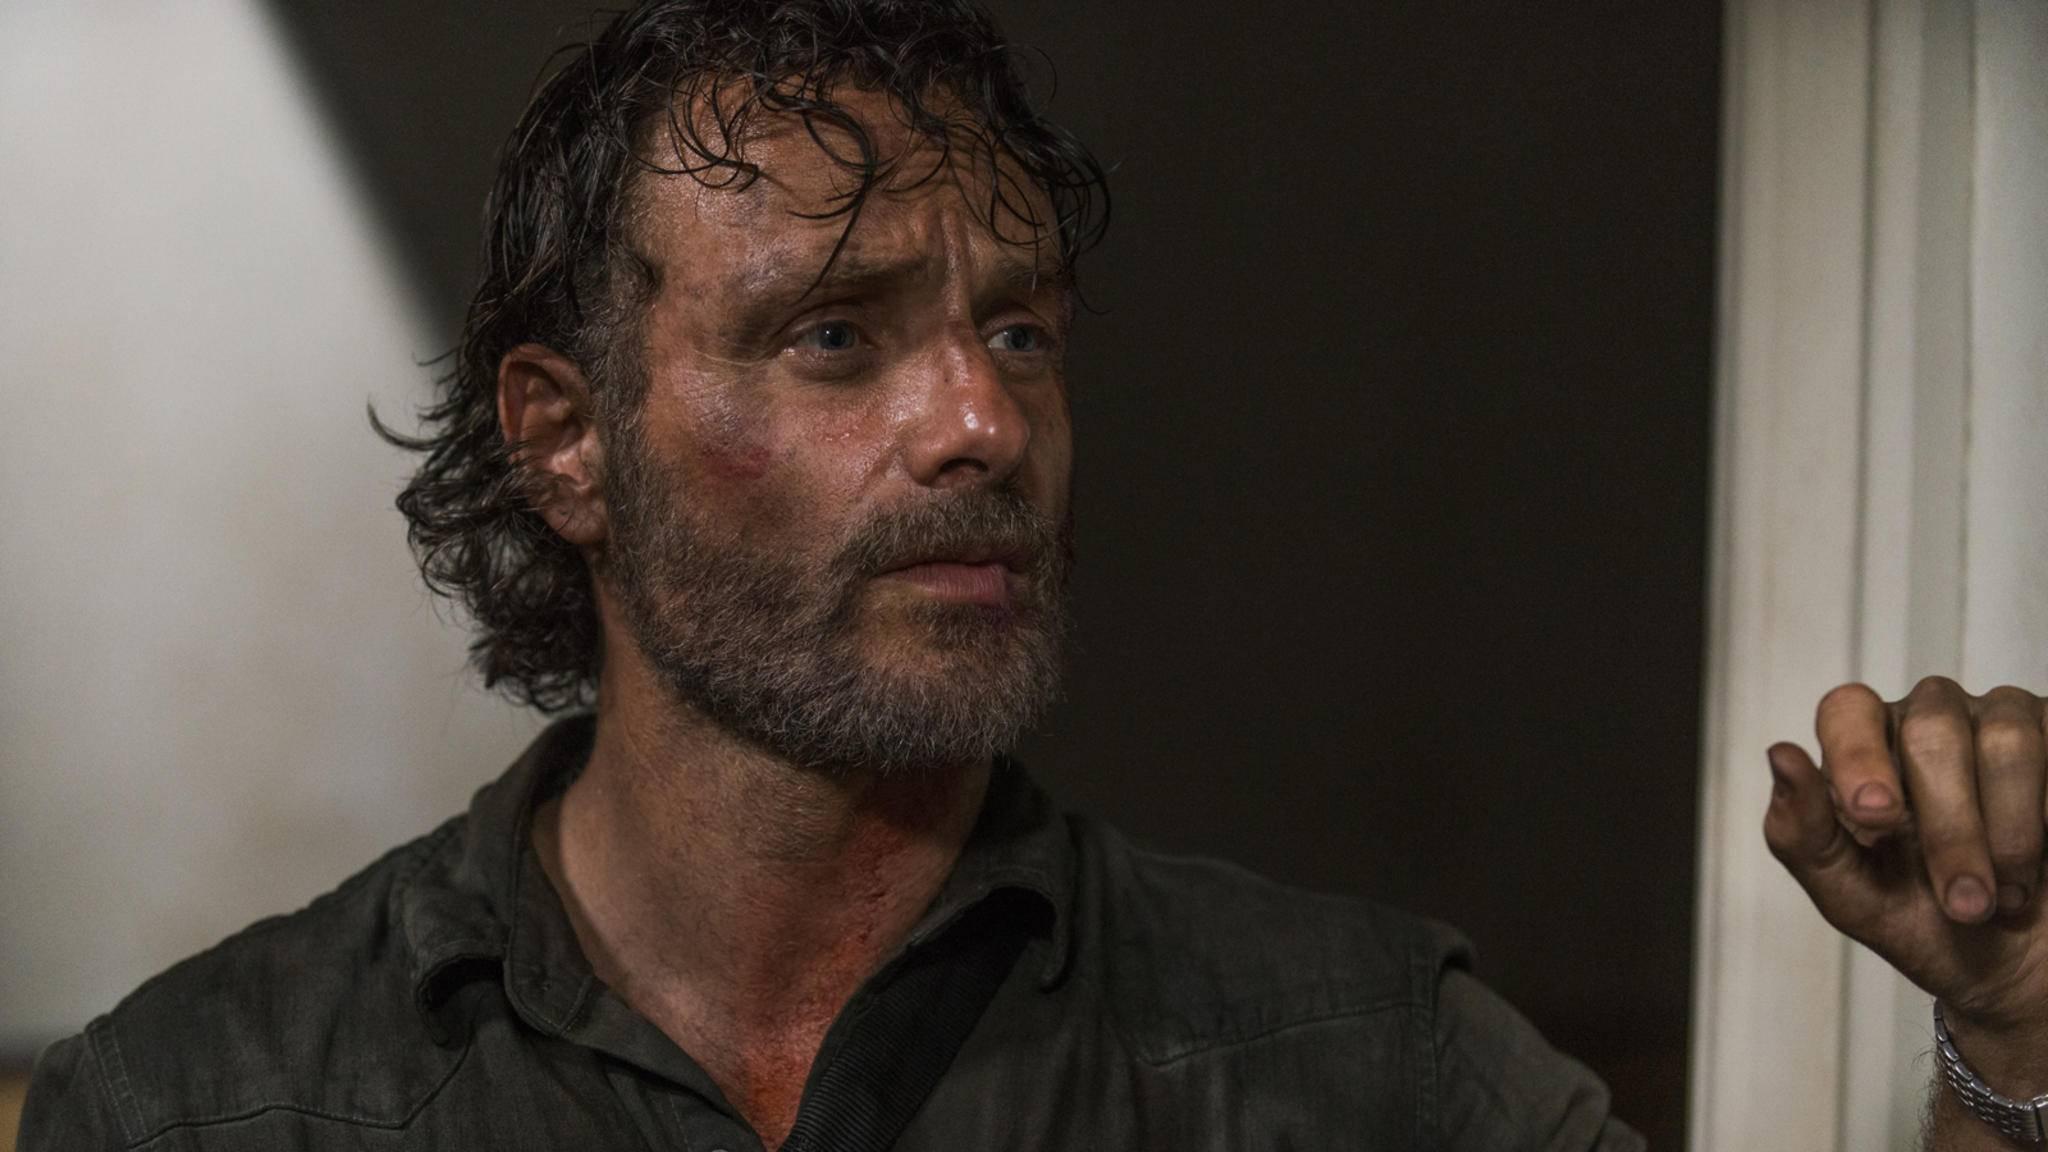 """Rick sieht ähnlich gerupft aus, wie die US-Quote der aktuellen Folge von """"The Walking Dead""""."""